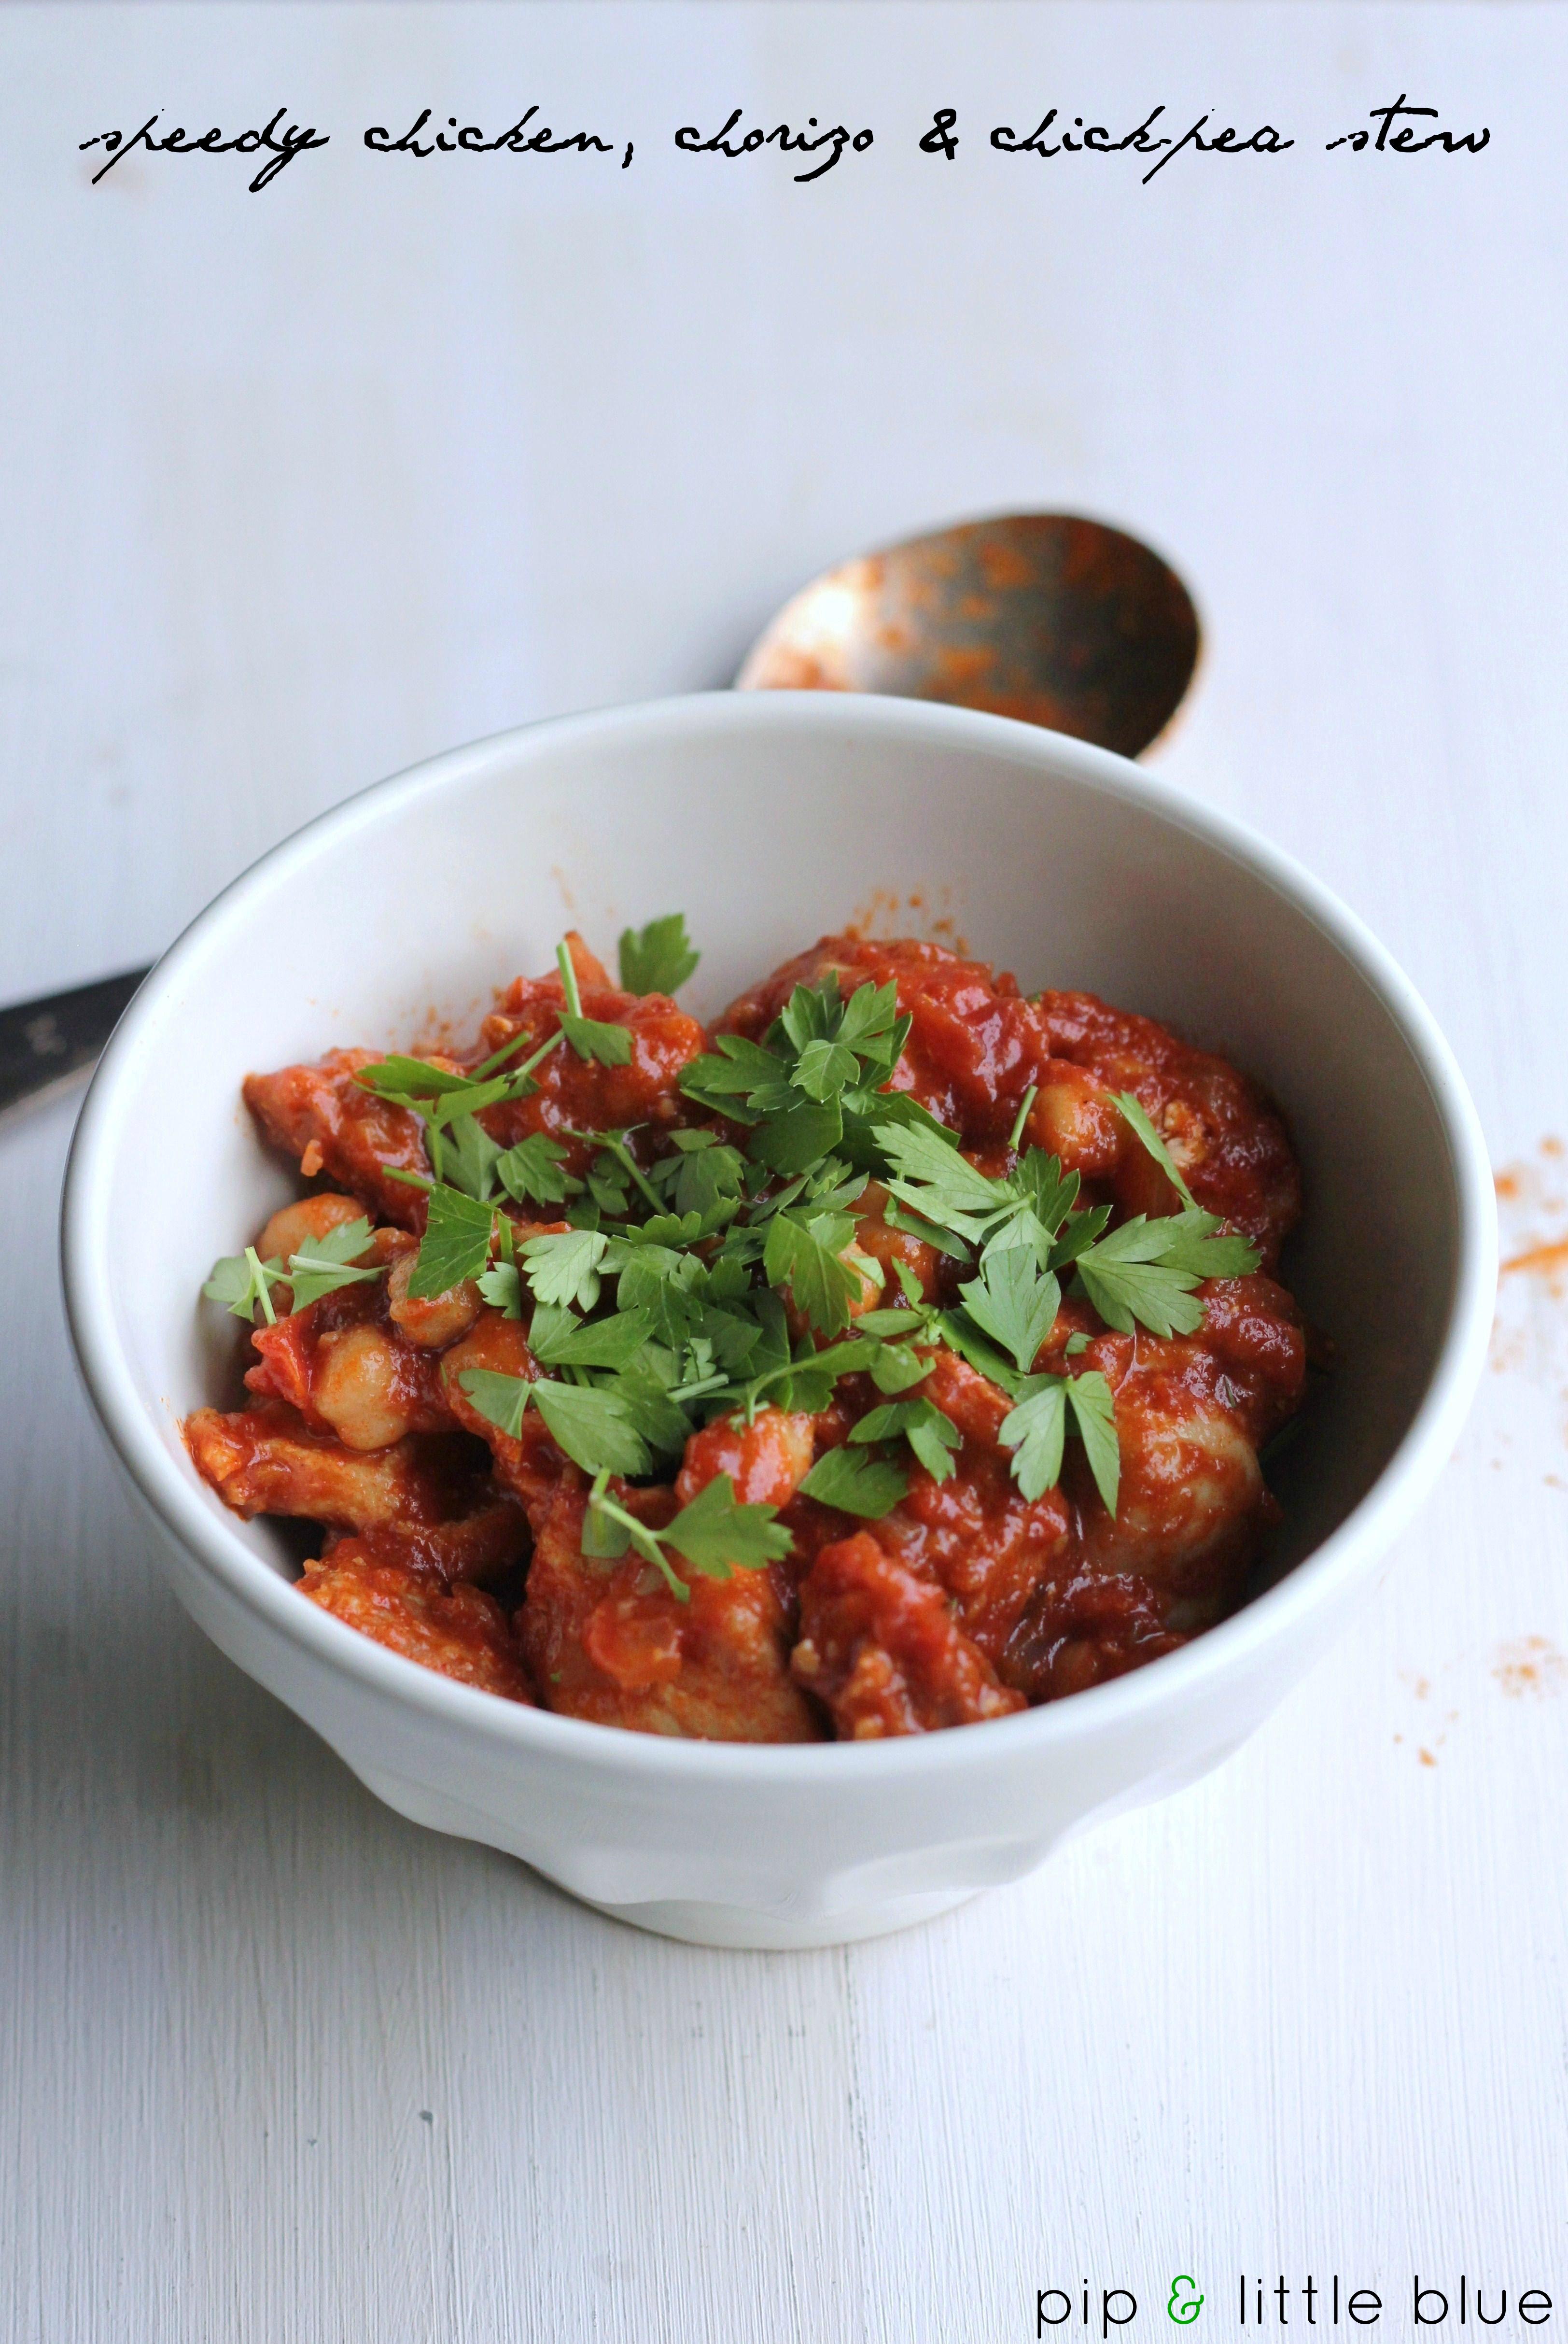 Speedy chicken, chorizo & chickpea stew | pip & little blue